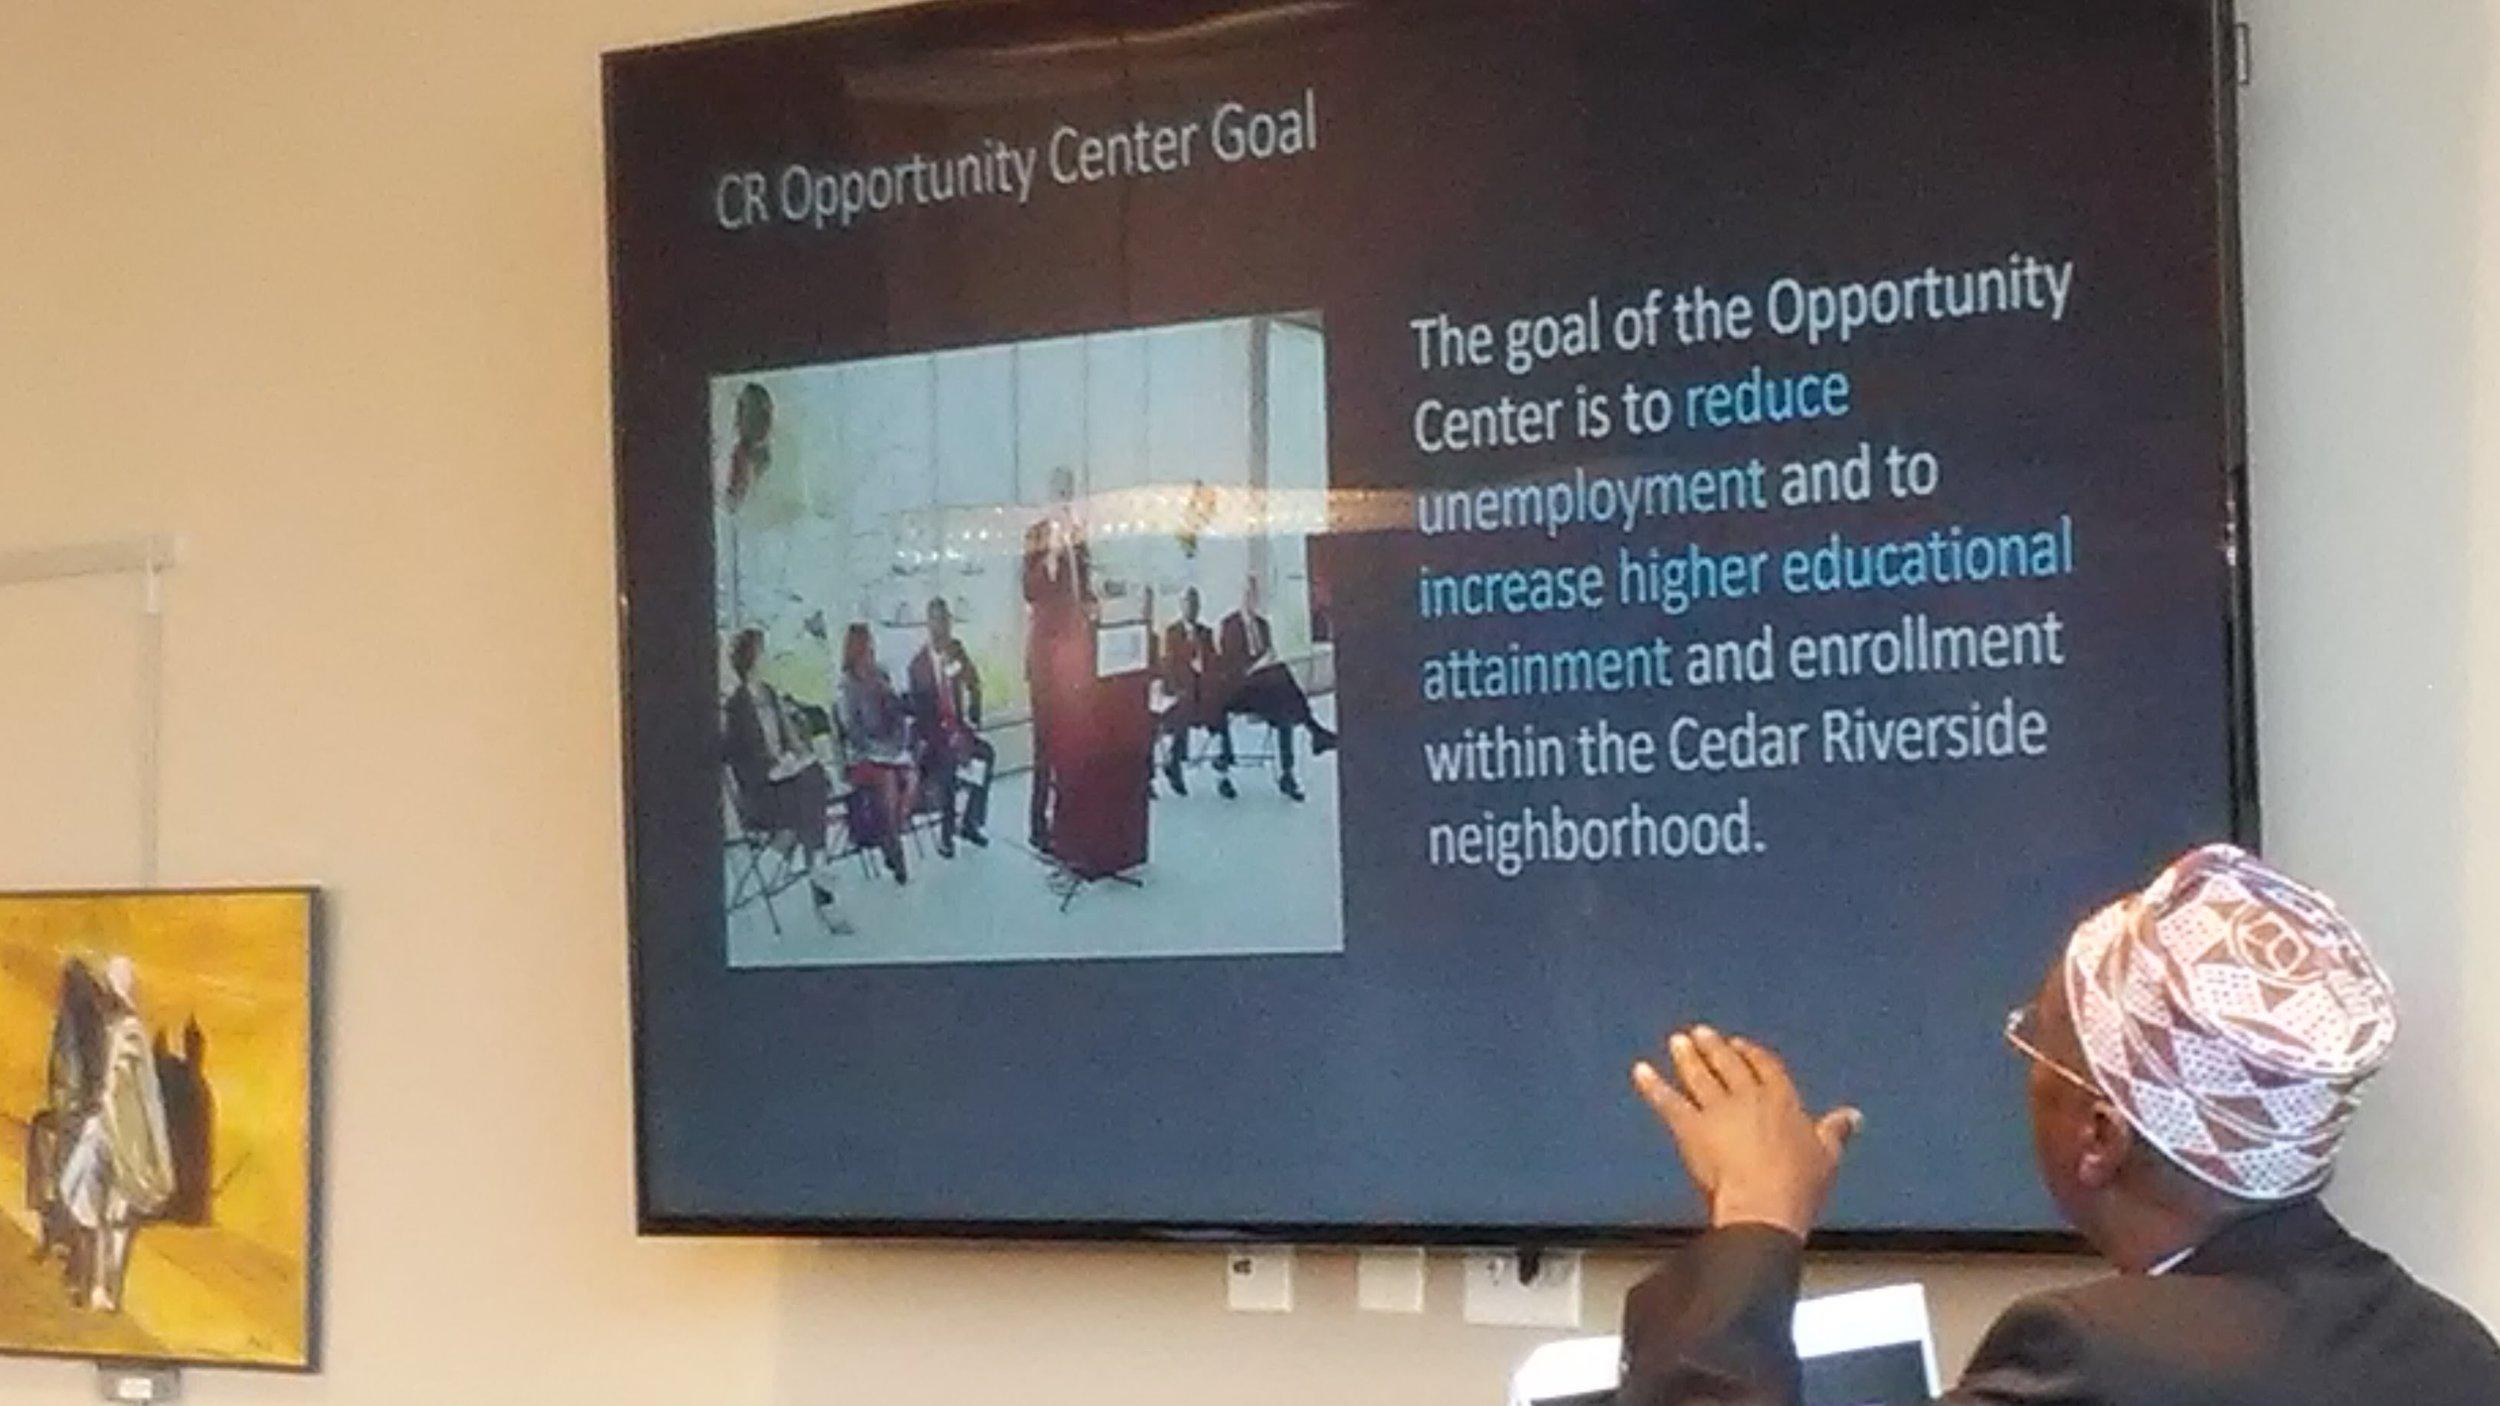 Opportunity Center goal